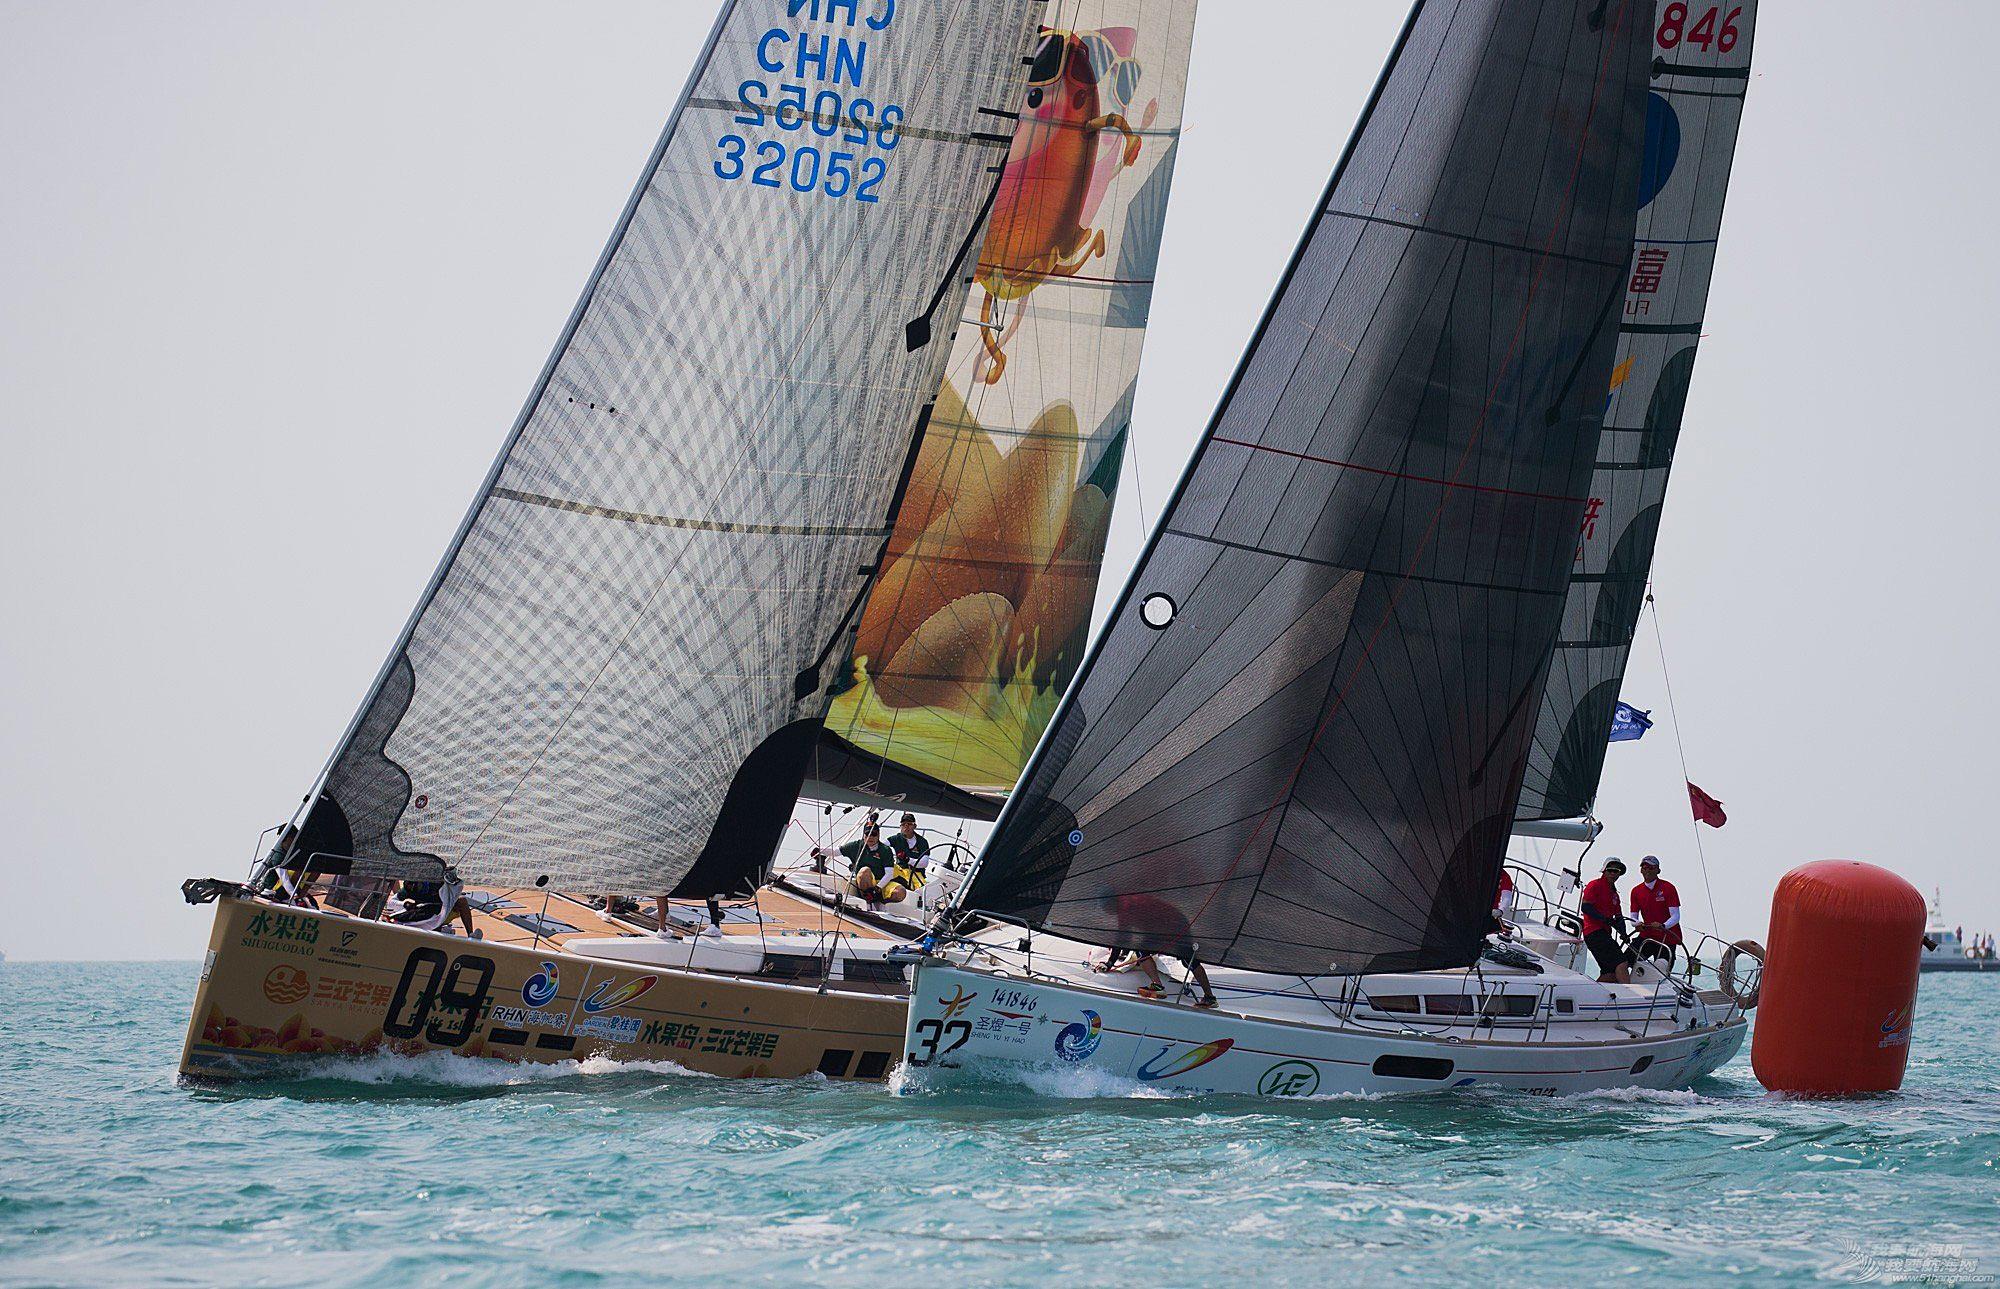 【视频】碧桂园杯2018海帆赛三亚第三日场地赛况及水上颁奖仪式报道